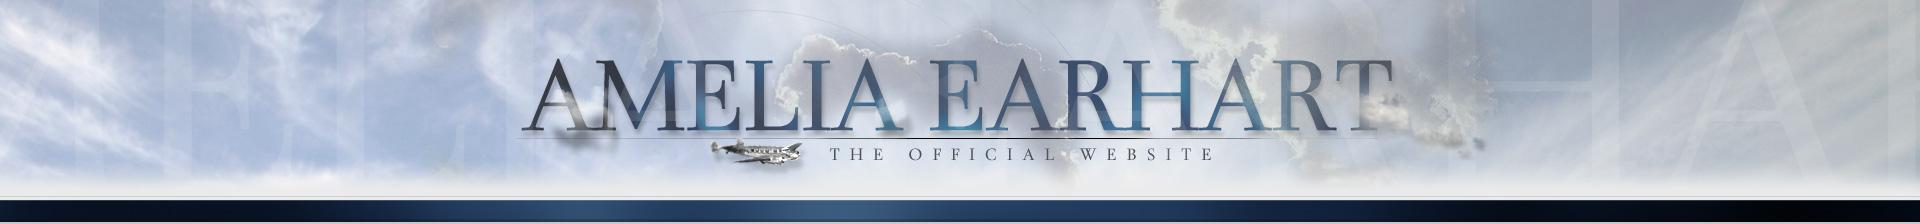 Amelia Earheart Website